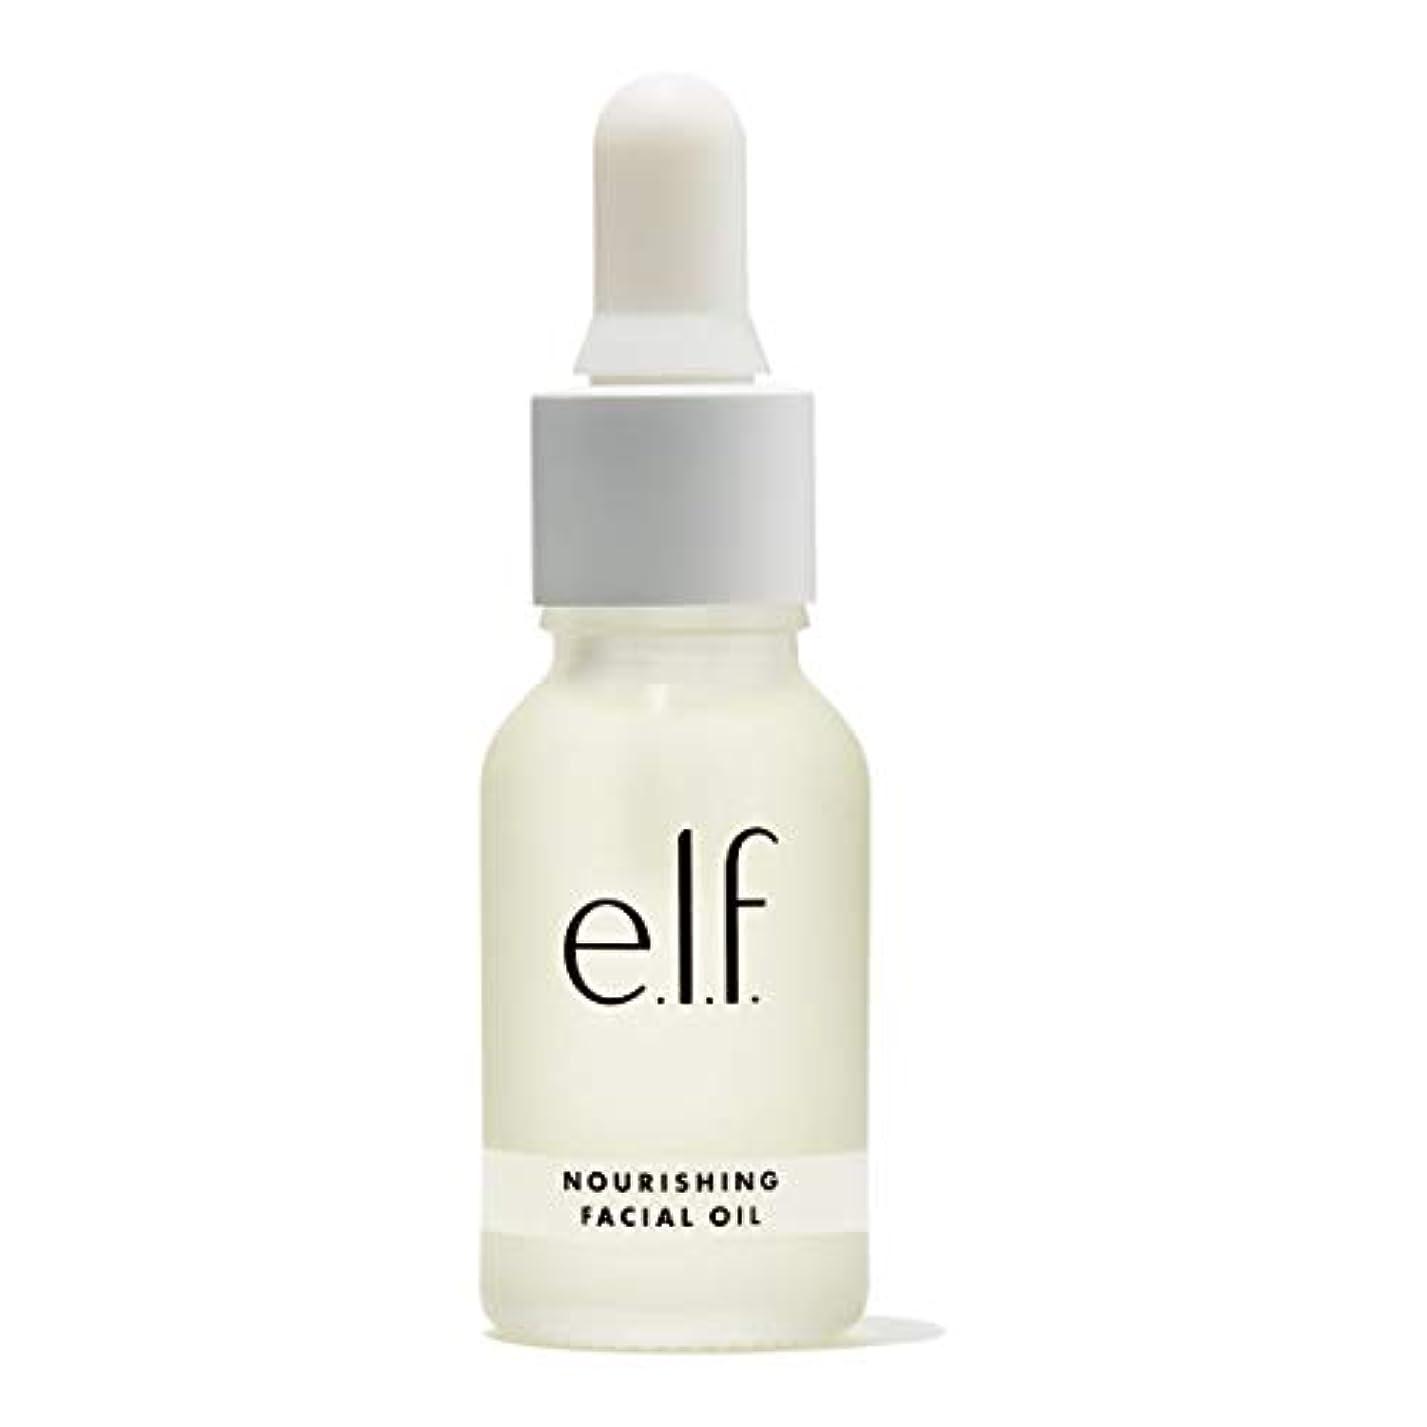 砂抽象化最も早い(6 Pack) e.l.f. Nourishing Facial Oil (並行輸入品)